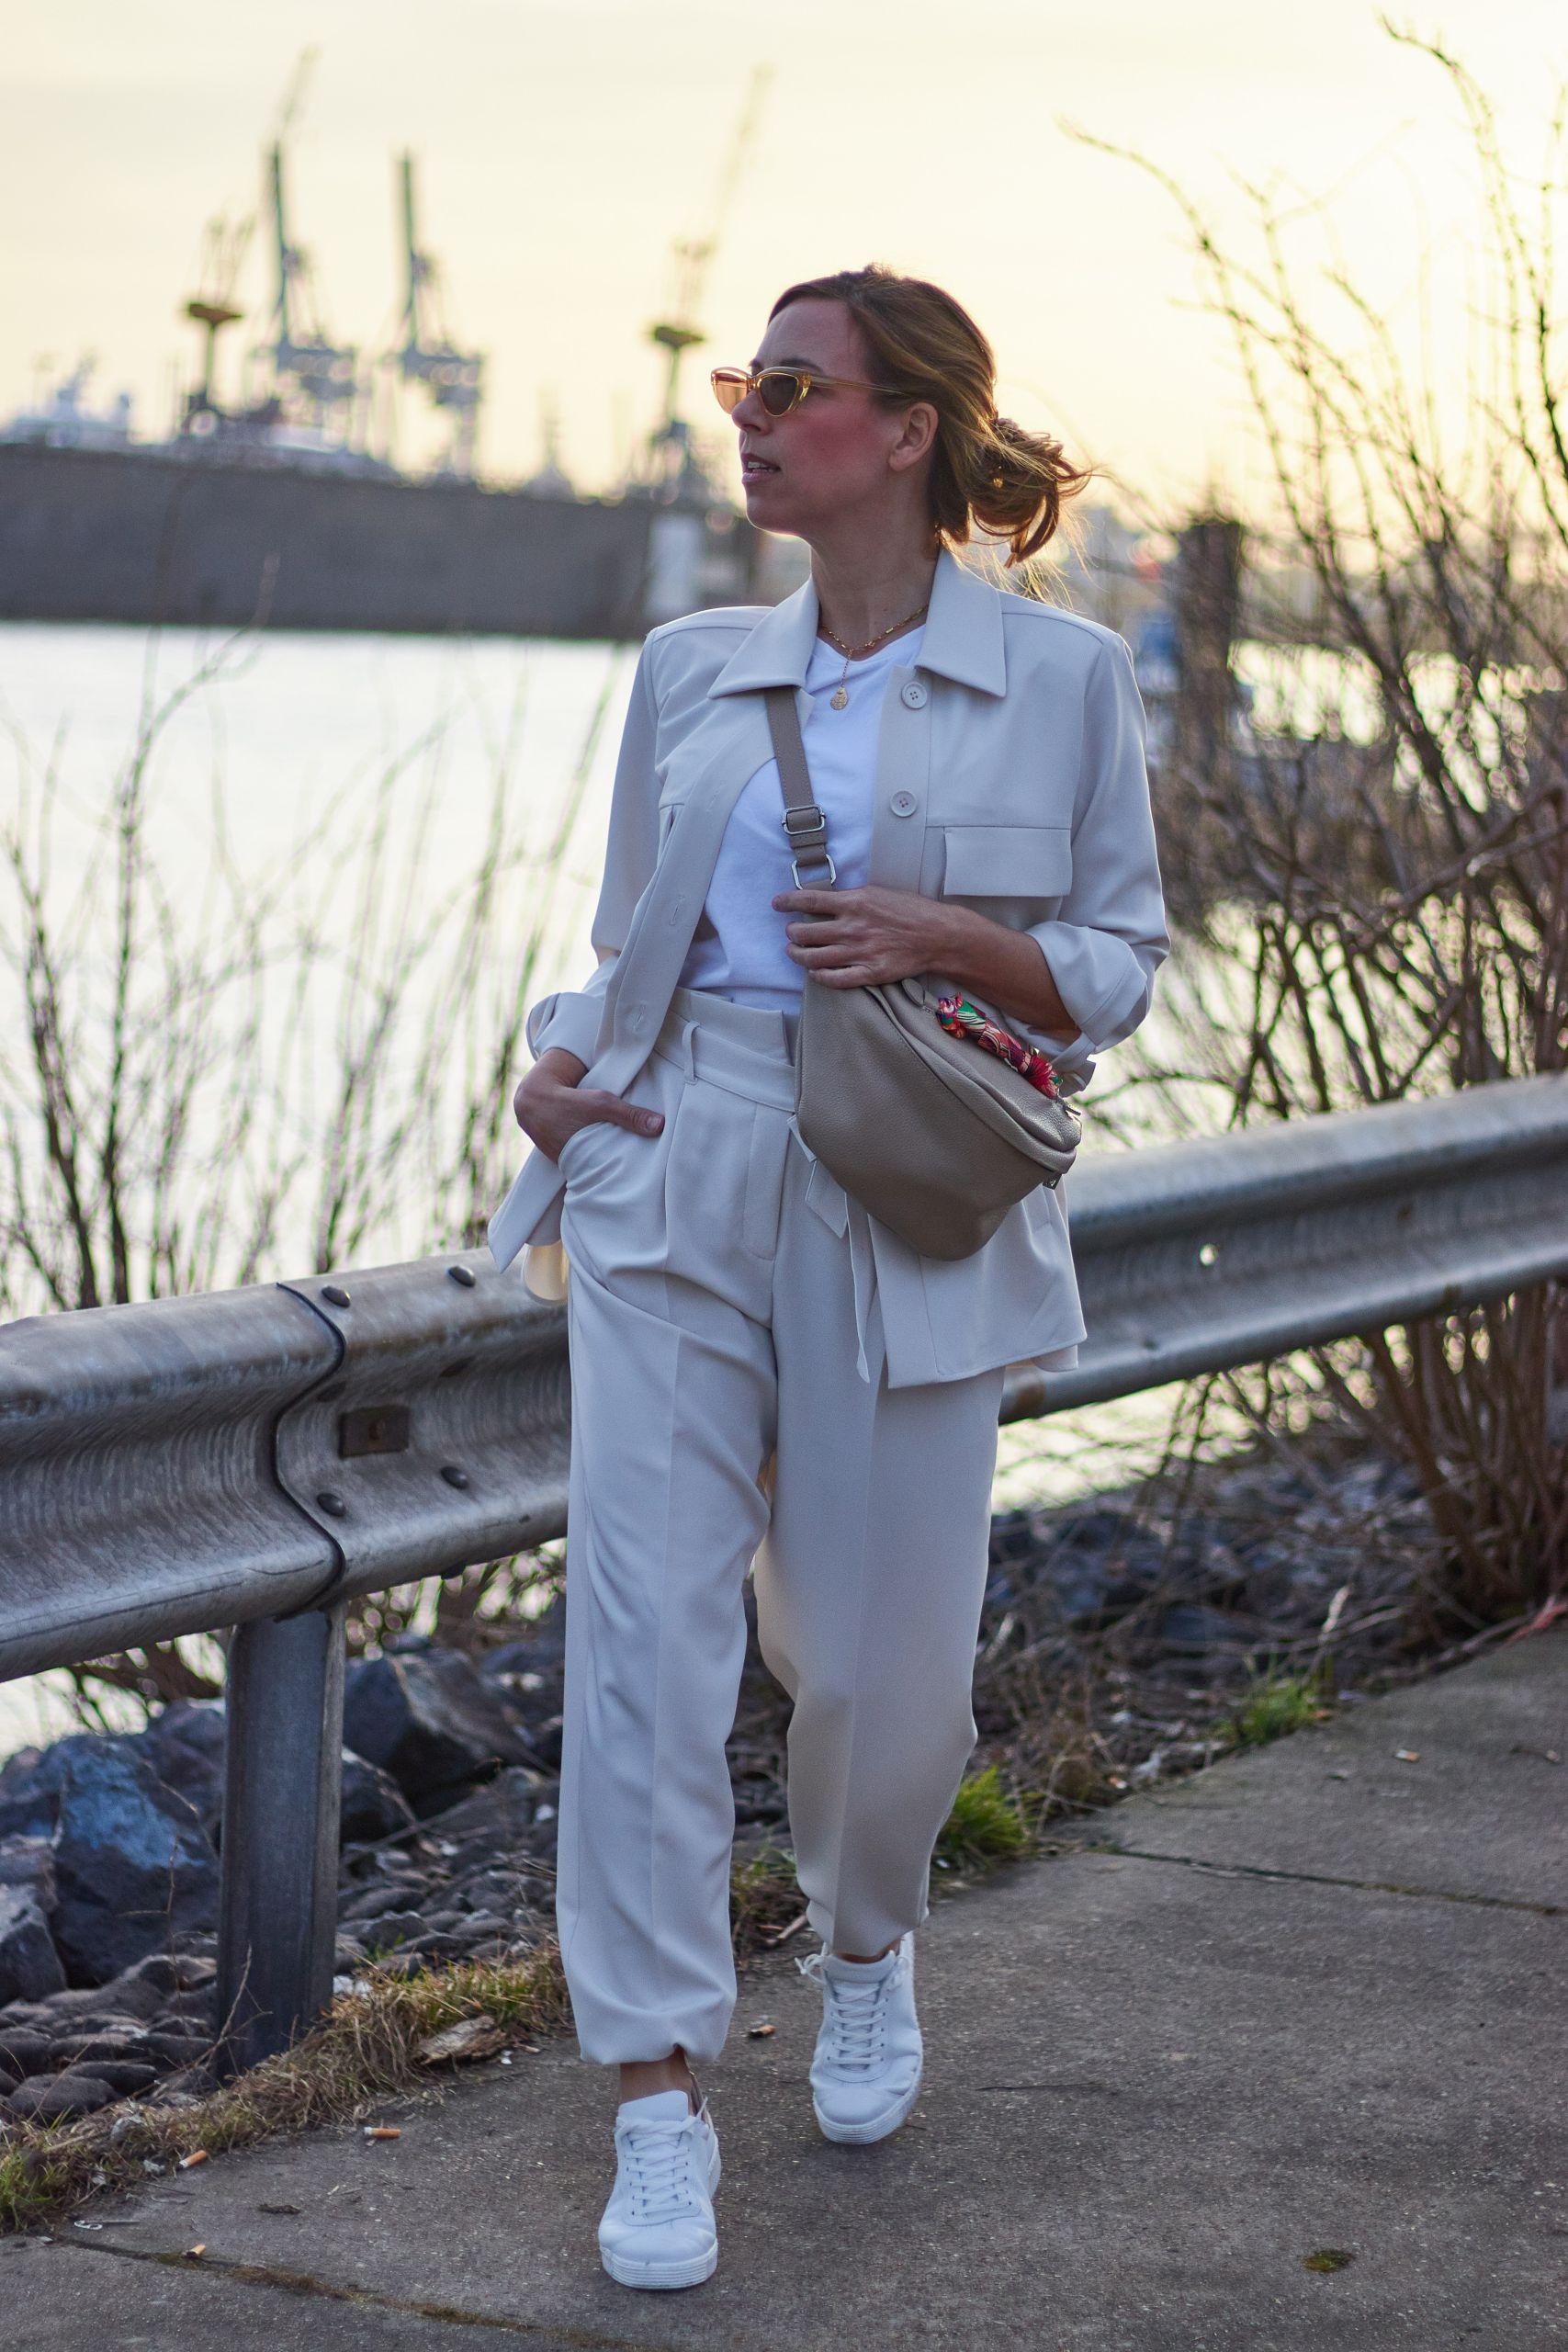 Marc Aurel Mode Favorit bestehend aus Hose und Hemdjacke am Hamburger Hafen